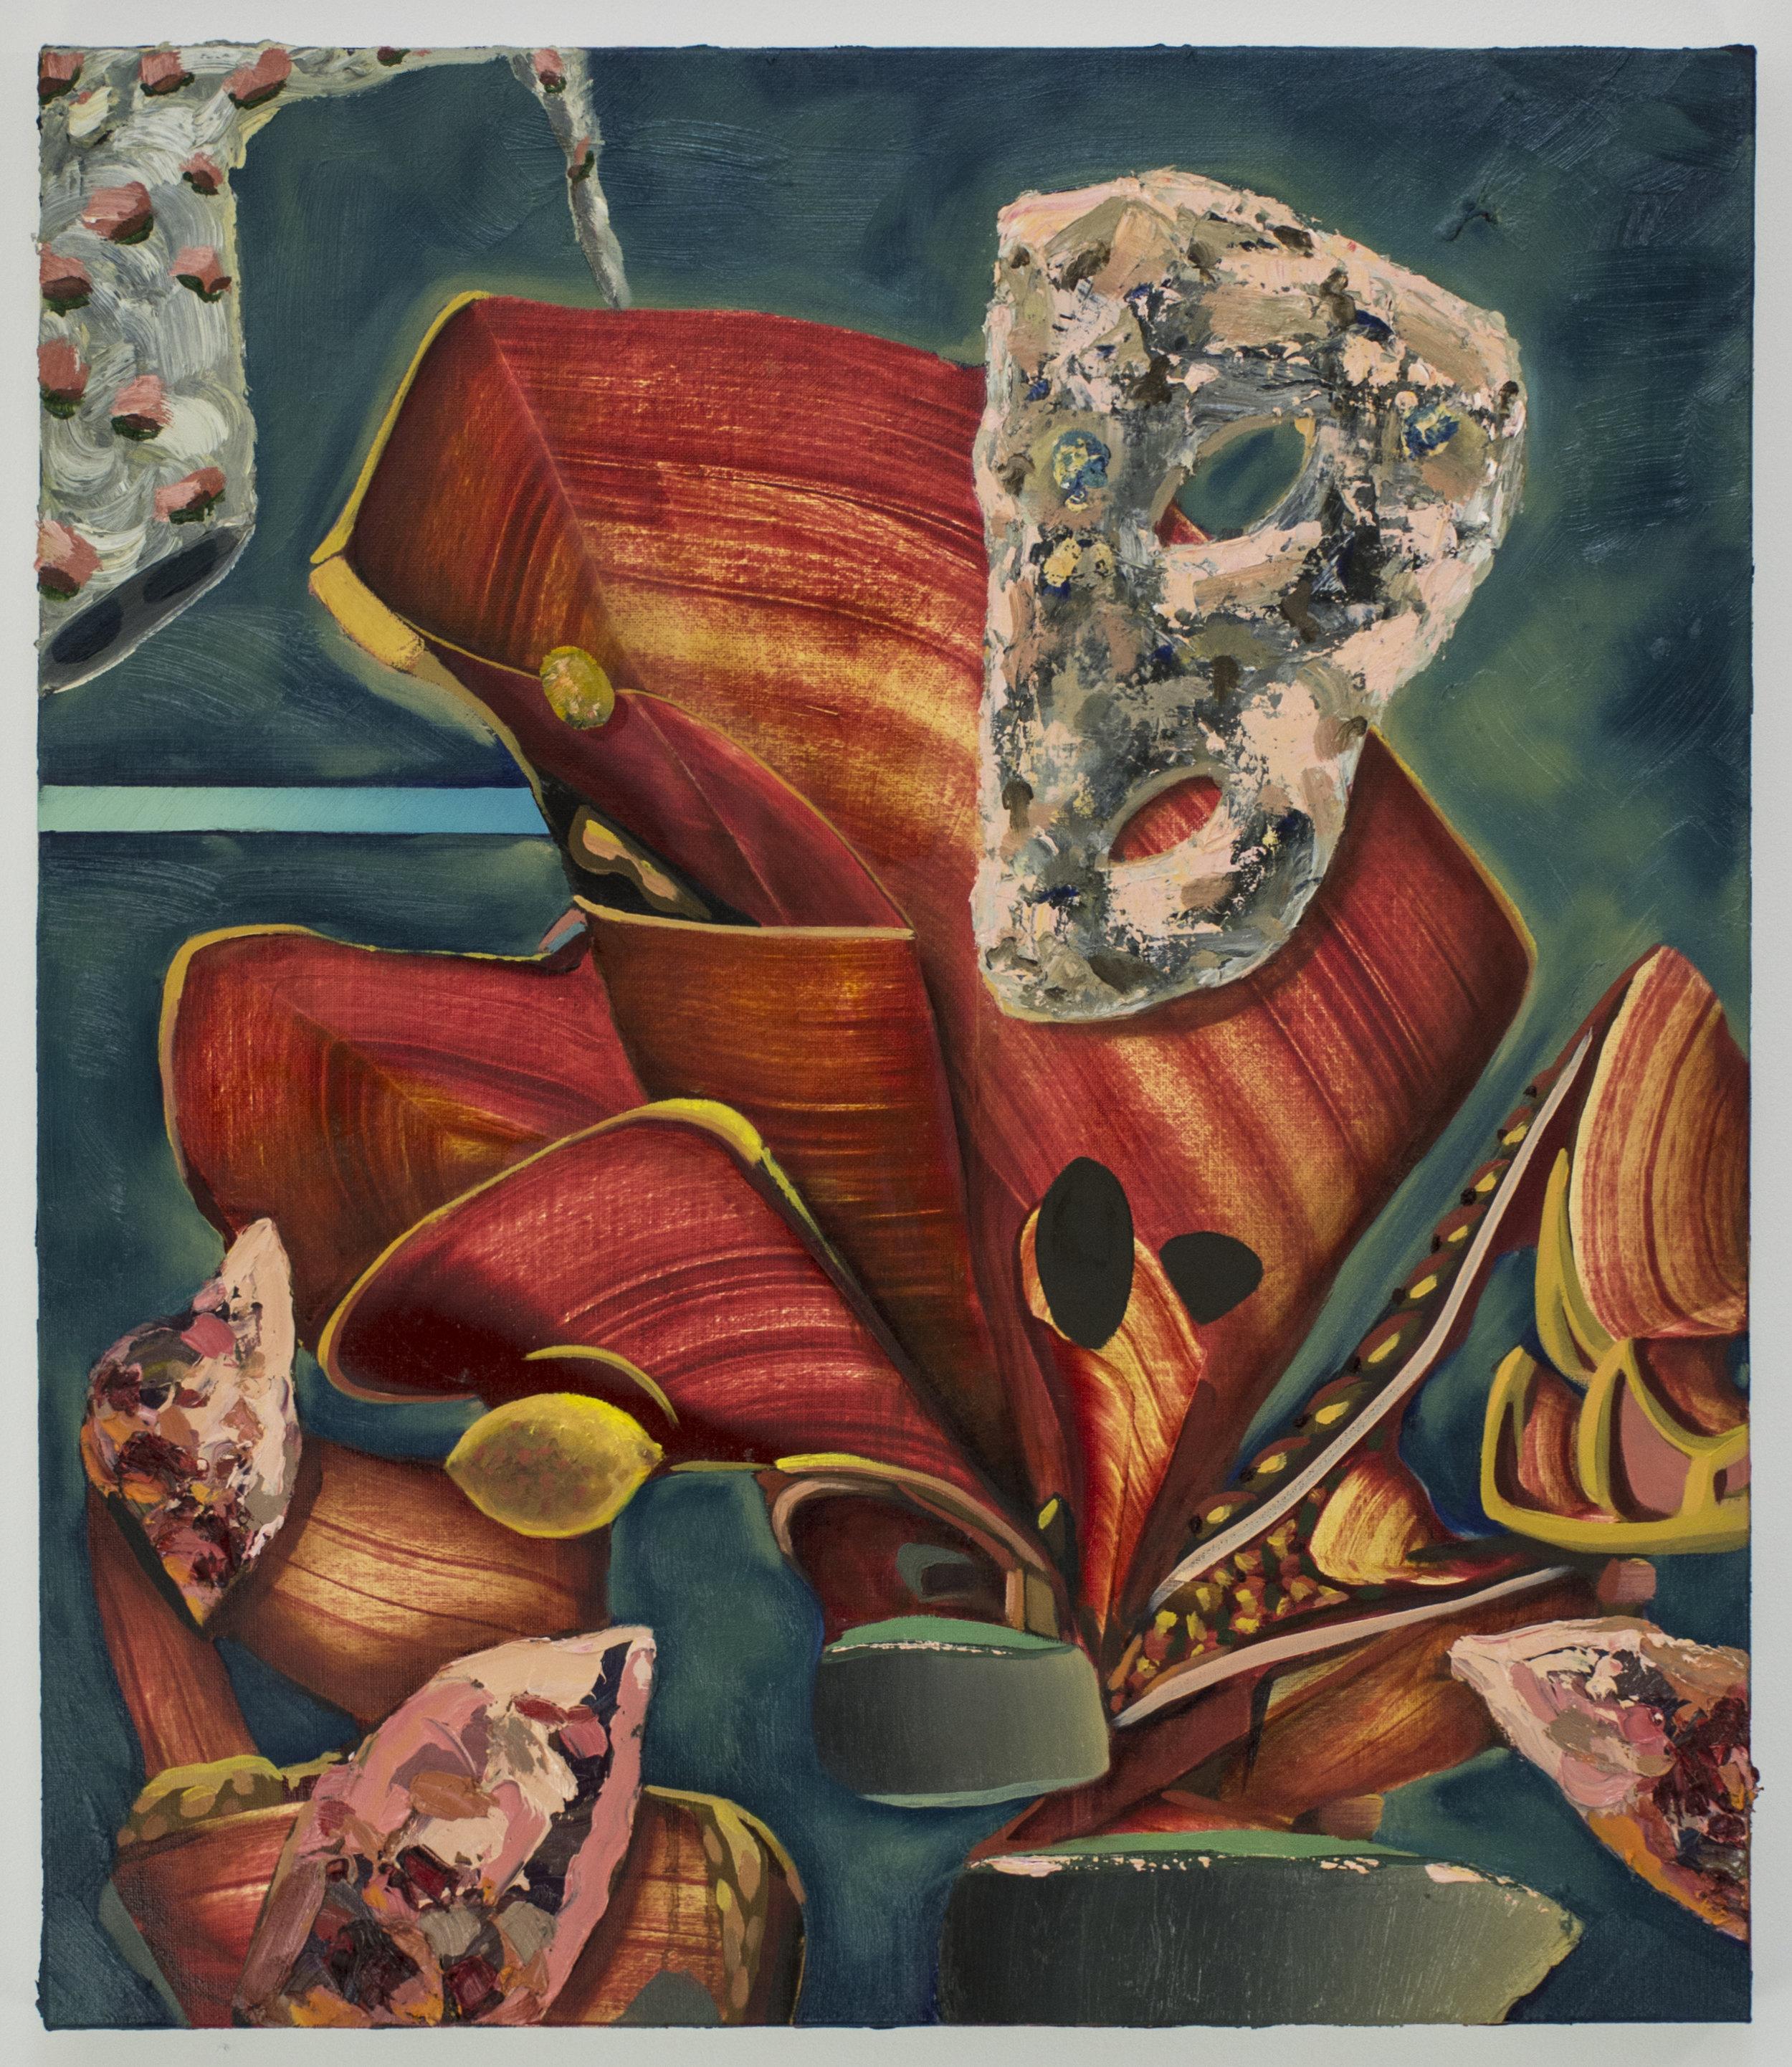 Stone Mask, 2018, oil on linen, 70 x 60 cm